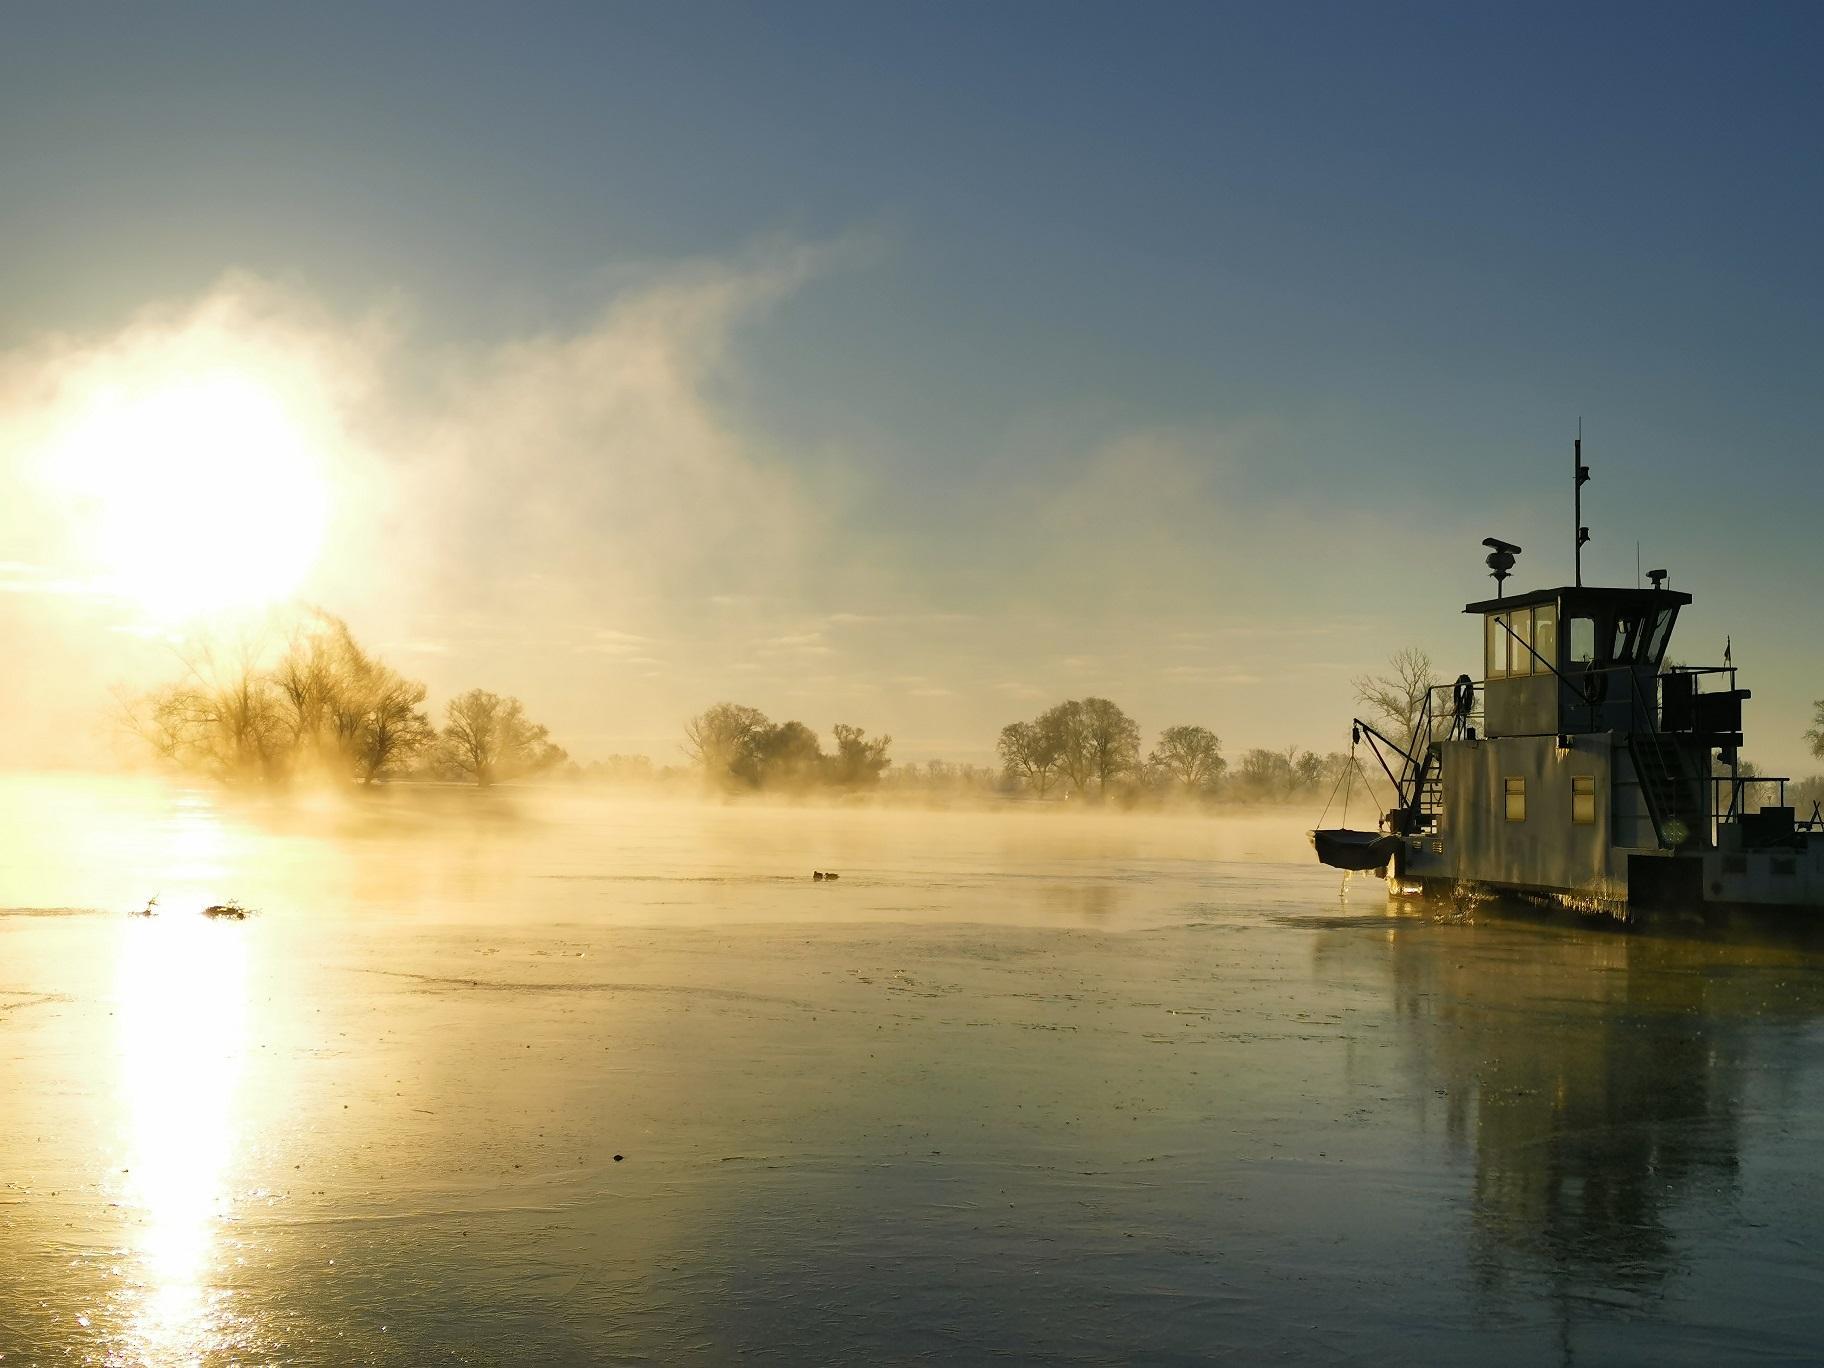 Winter an der Fähre, Foto: A. Denecke, mehr davon im Fotoalbum